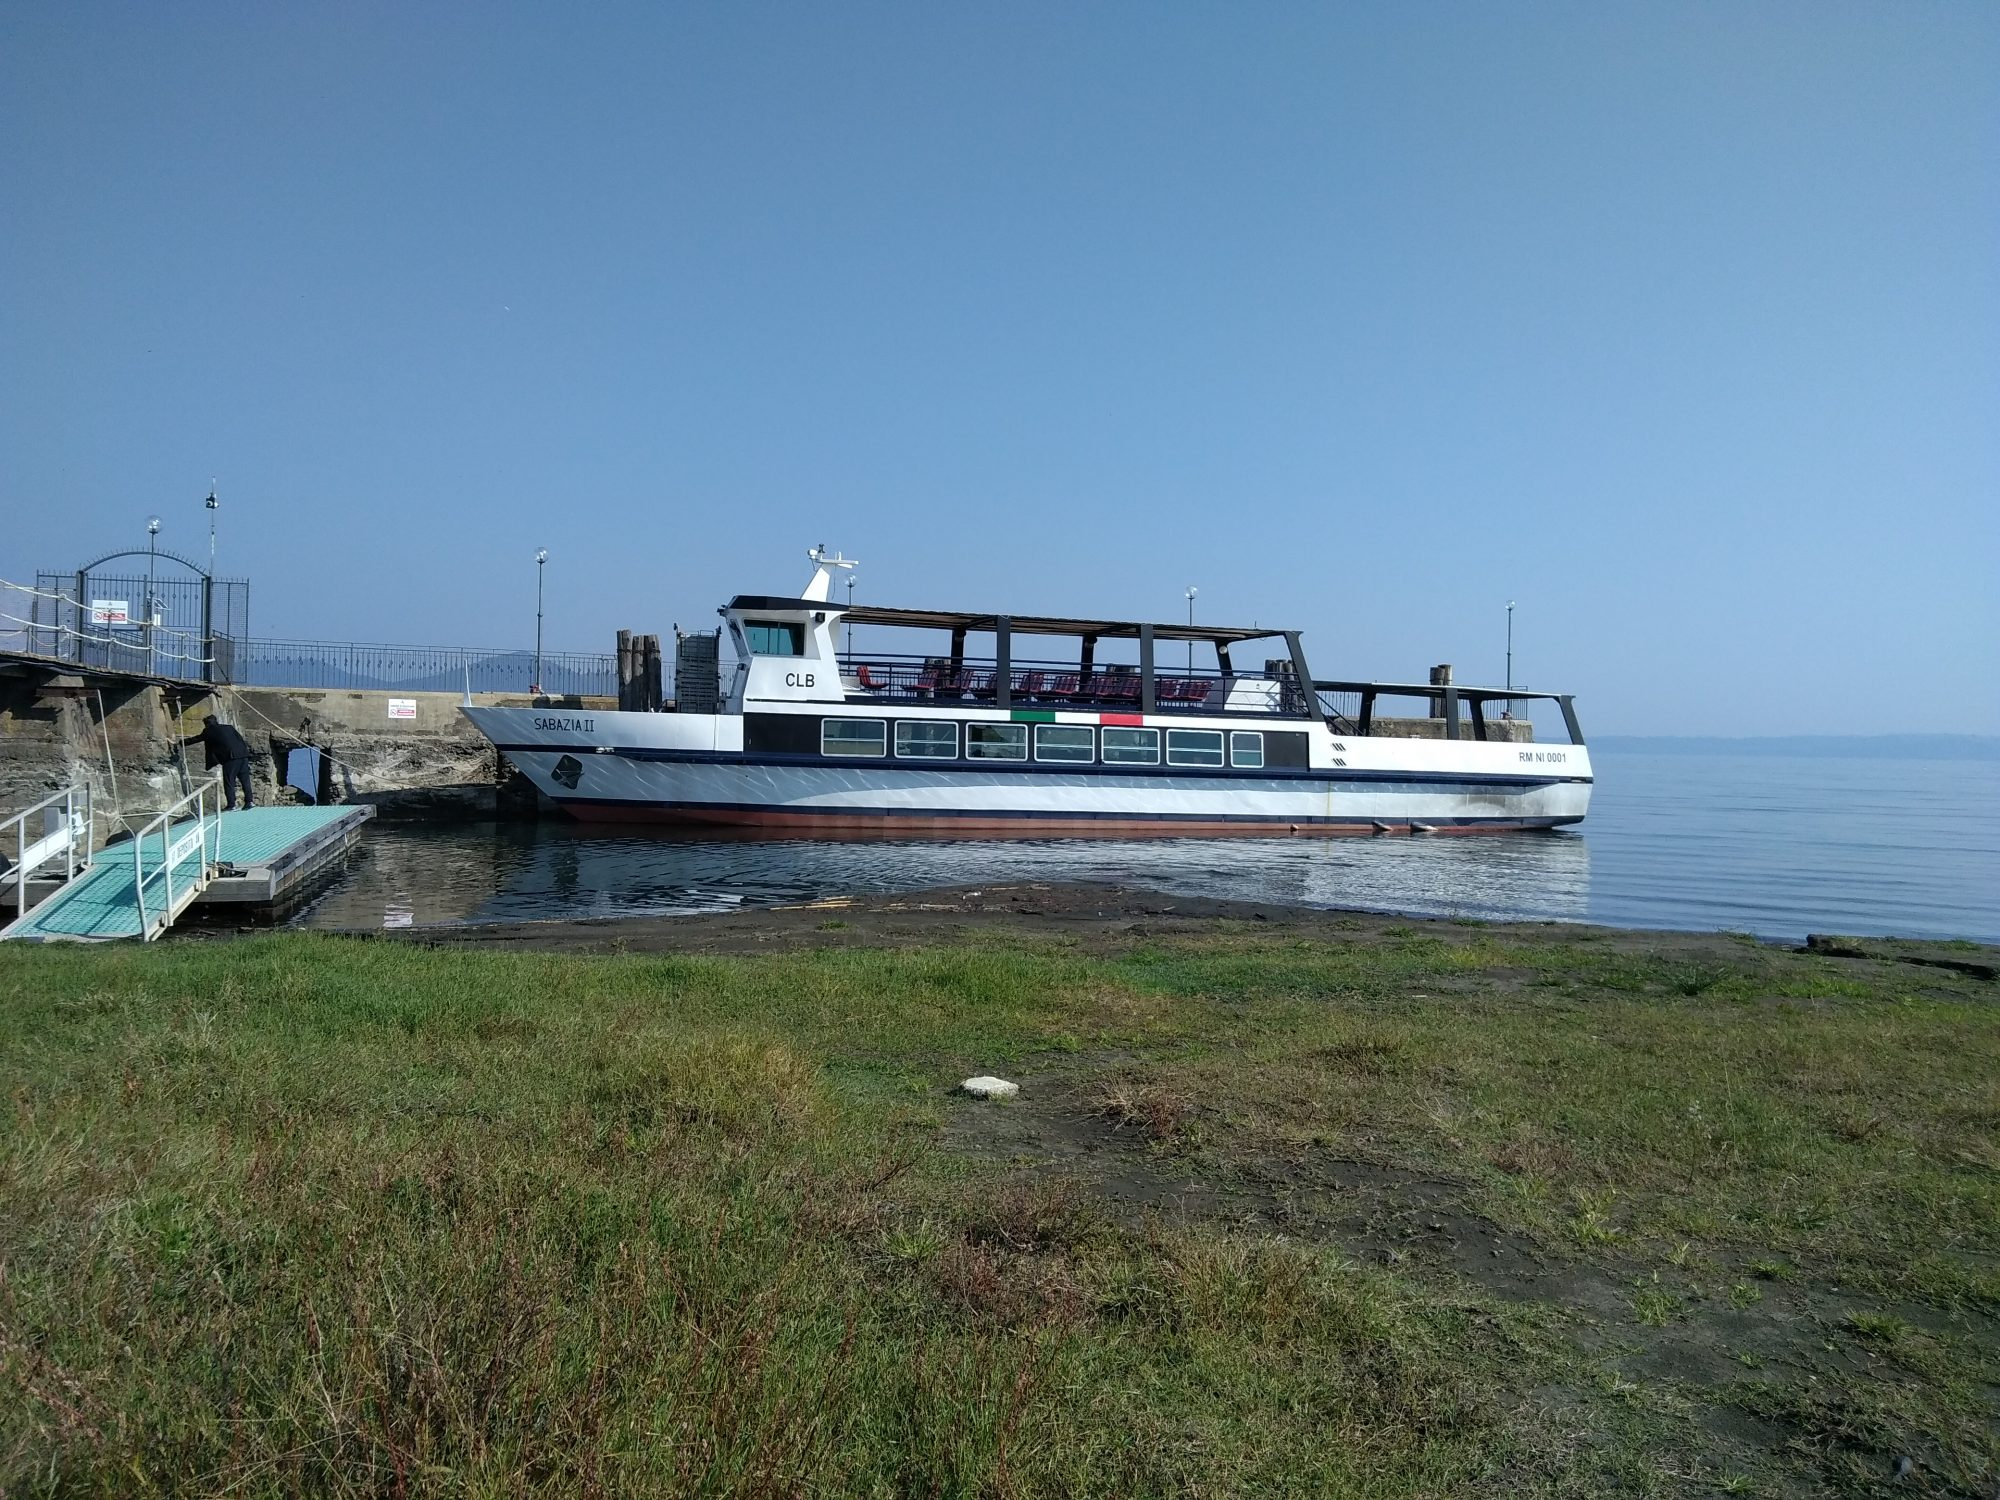 100 mila euro per interventi al molo di Bracciano: soddisfazione del Consorzio Lago Bracciano